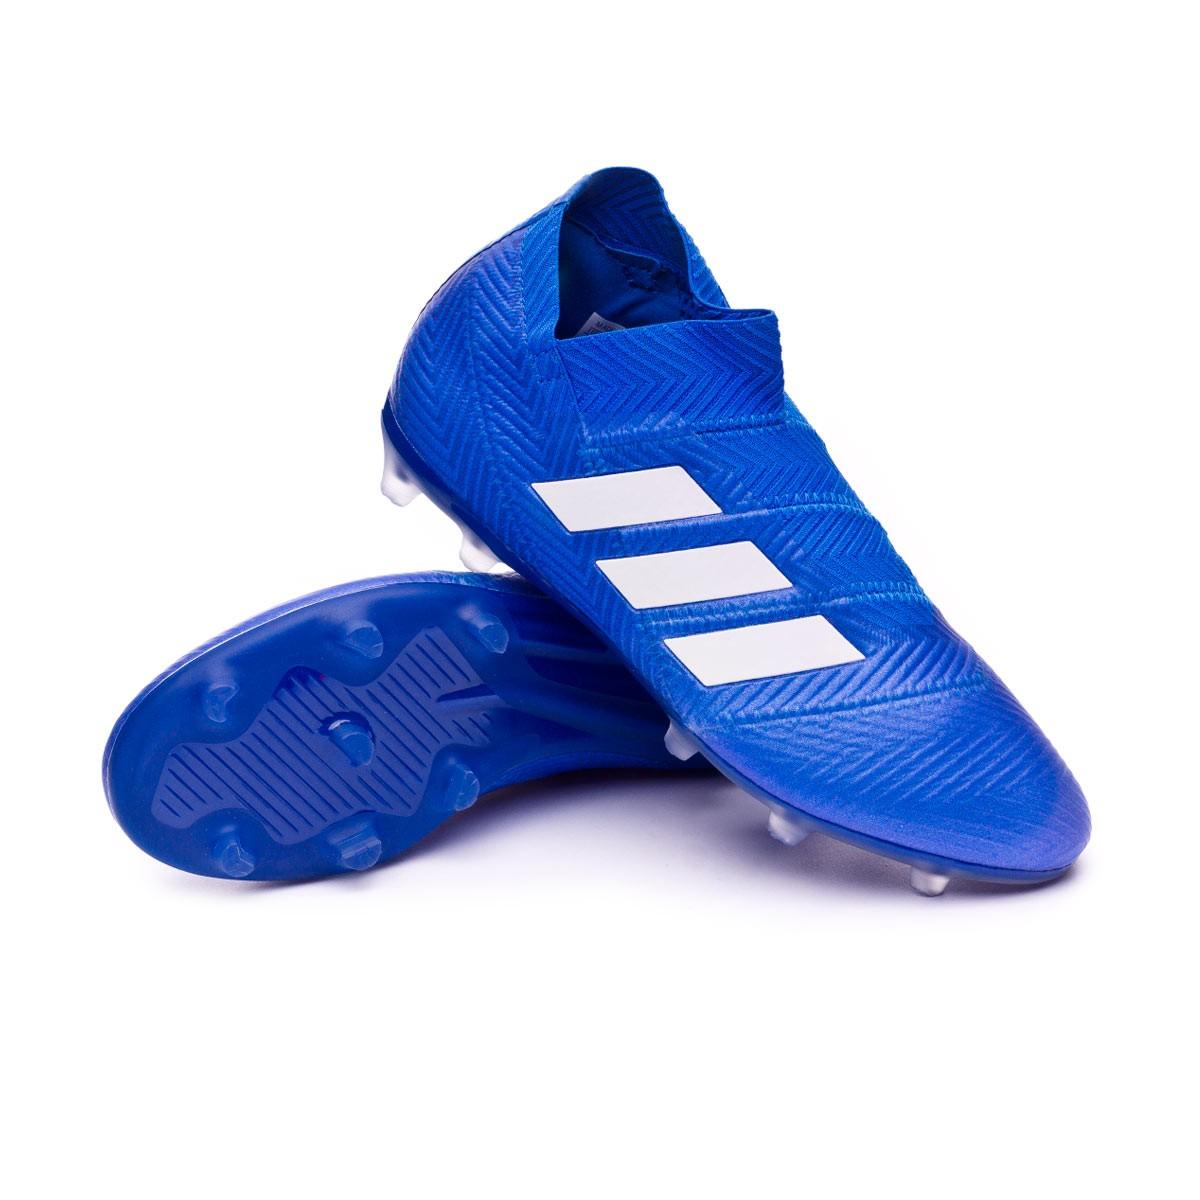 8a1d22b23d47 adidas Kids Nemeziz 18+ FG Football Boots. Football blue-White-Football ...